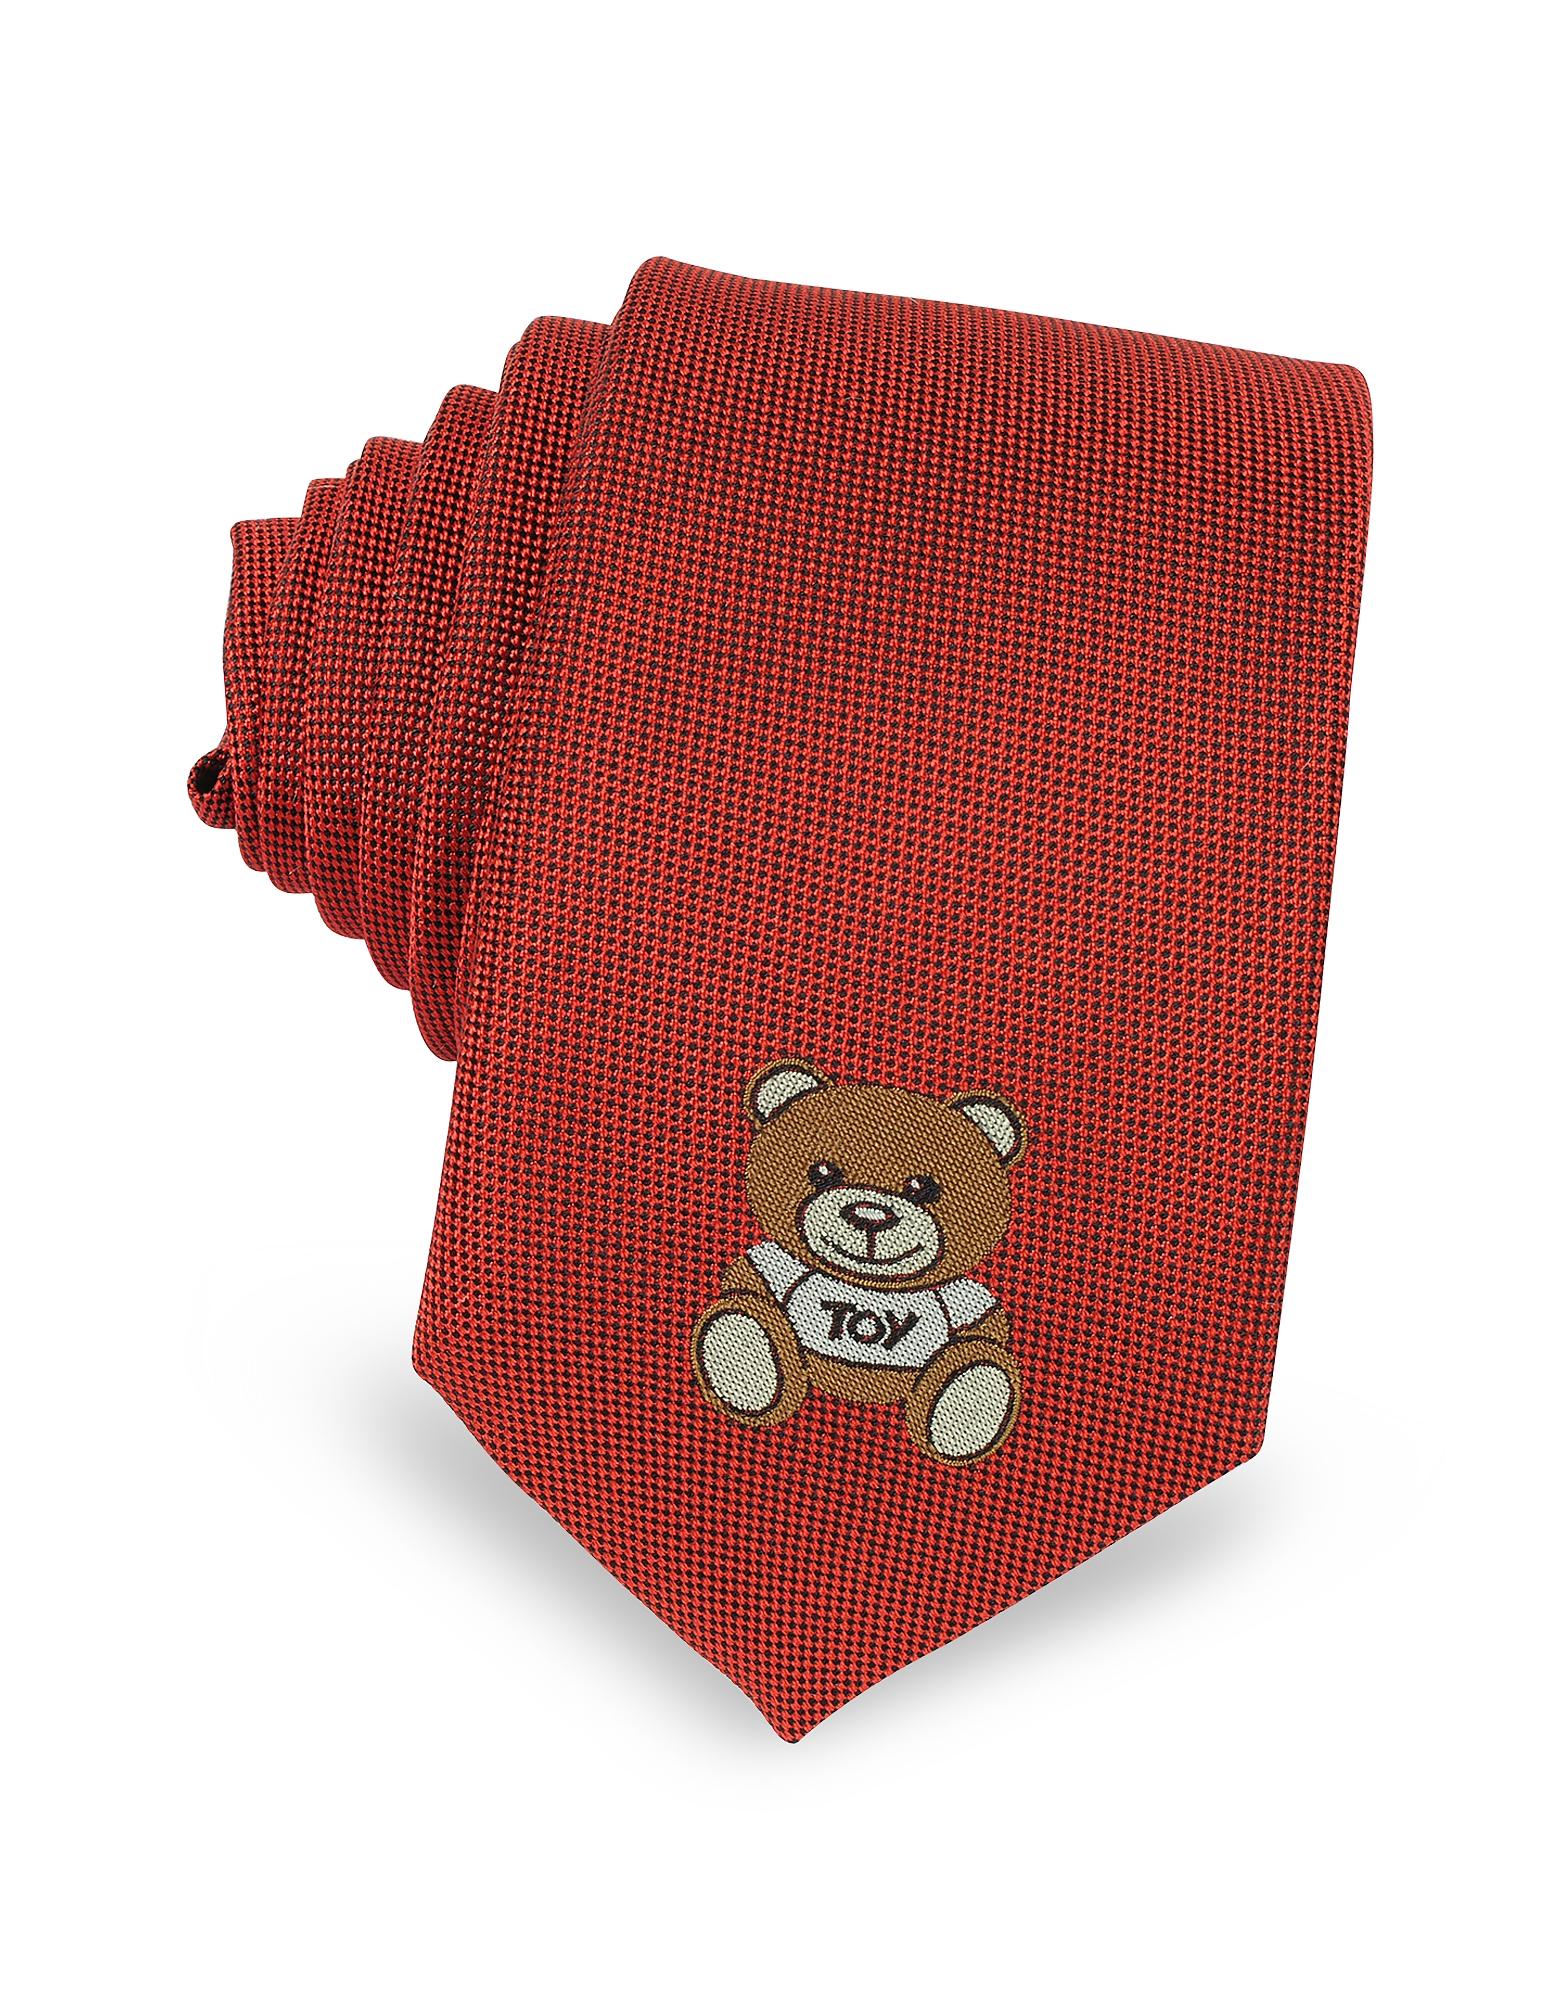 Moschino Teddy Bear - Однотонный Узкий Галстук из Жаккардового Шелка